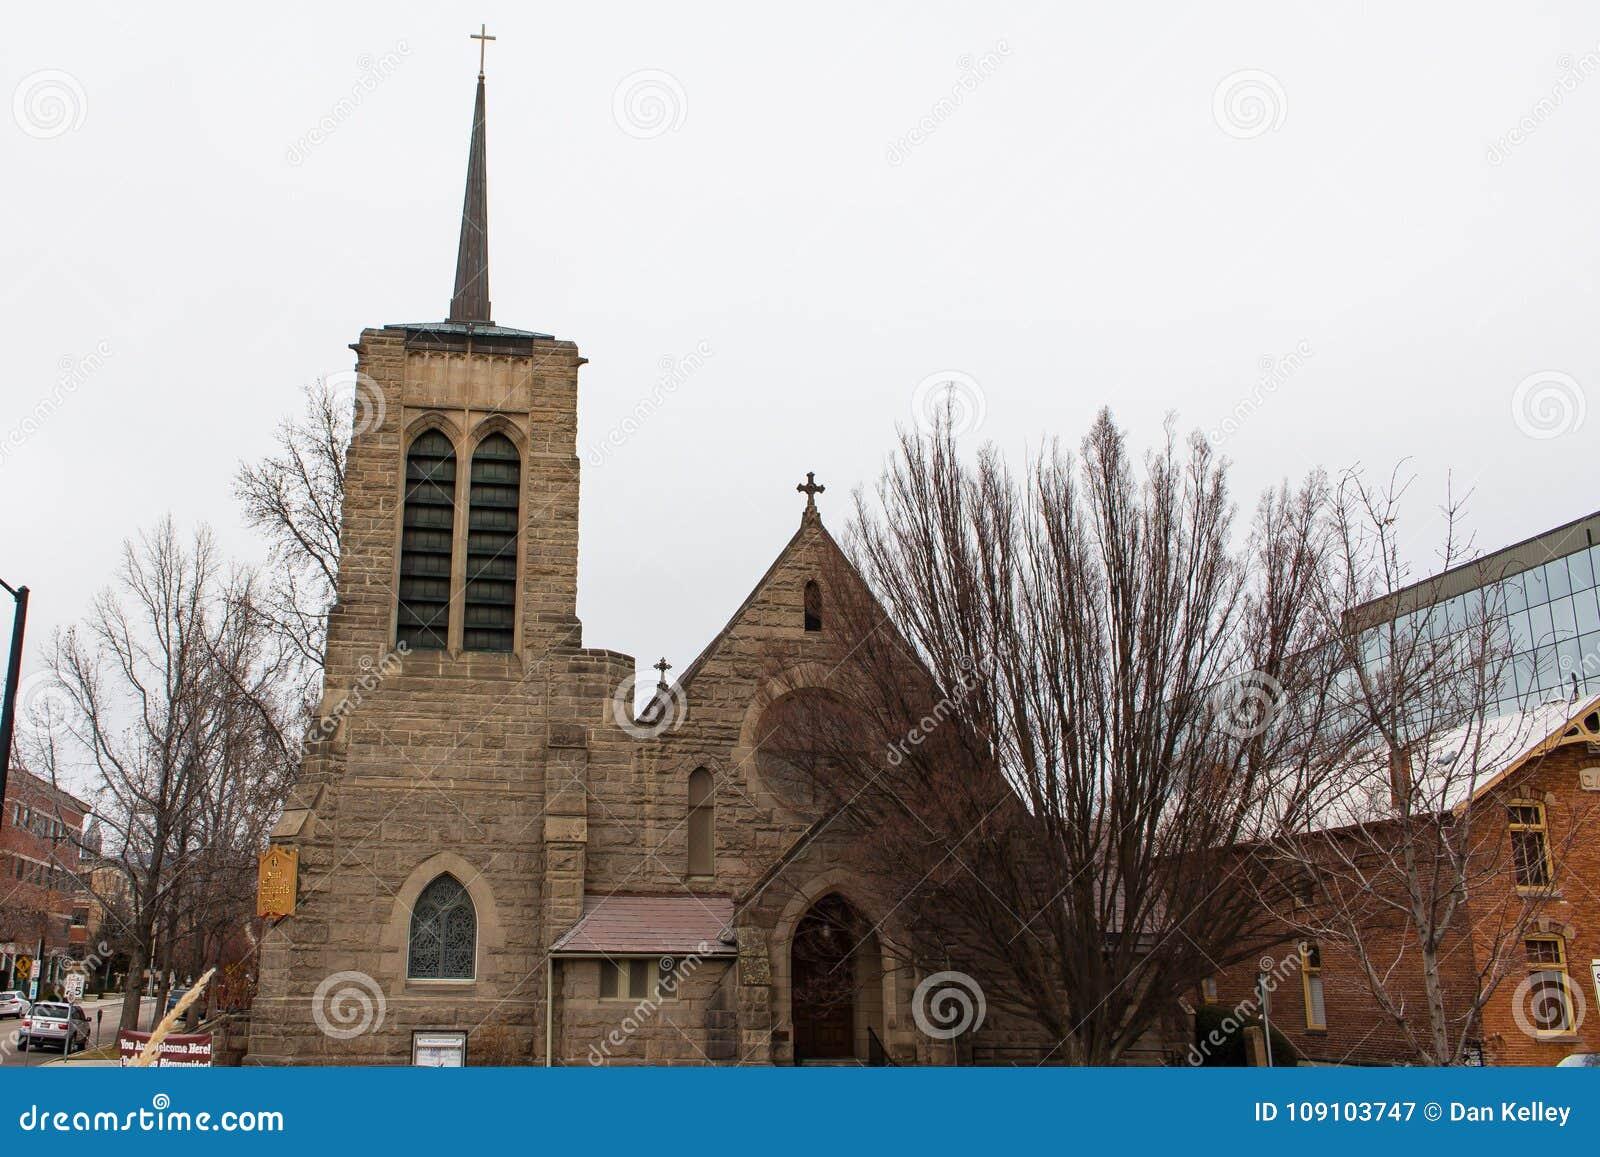 La catedral episcopal del ` s de San Miguel es una catedral episcopal en Boise, Idaho, Estados Unidos